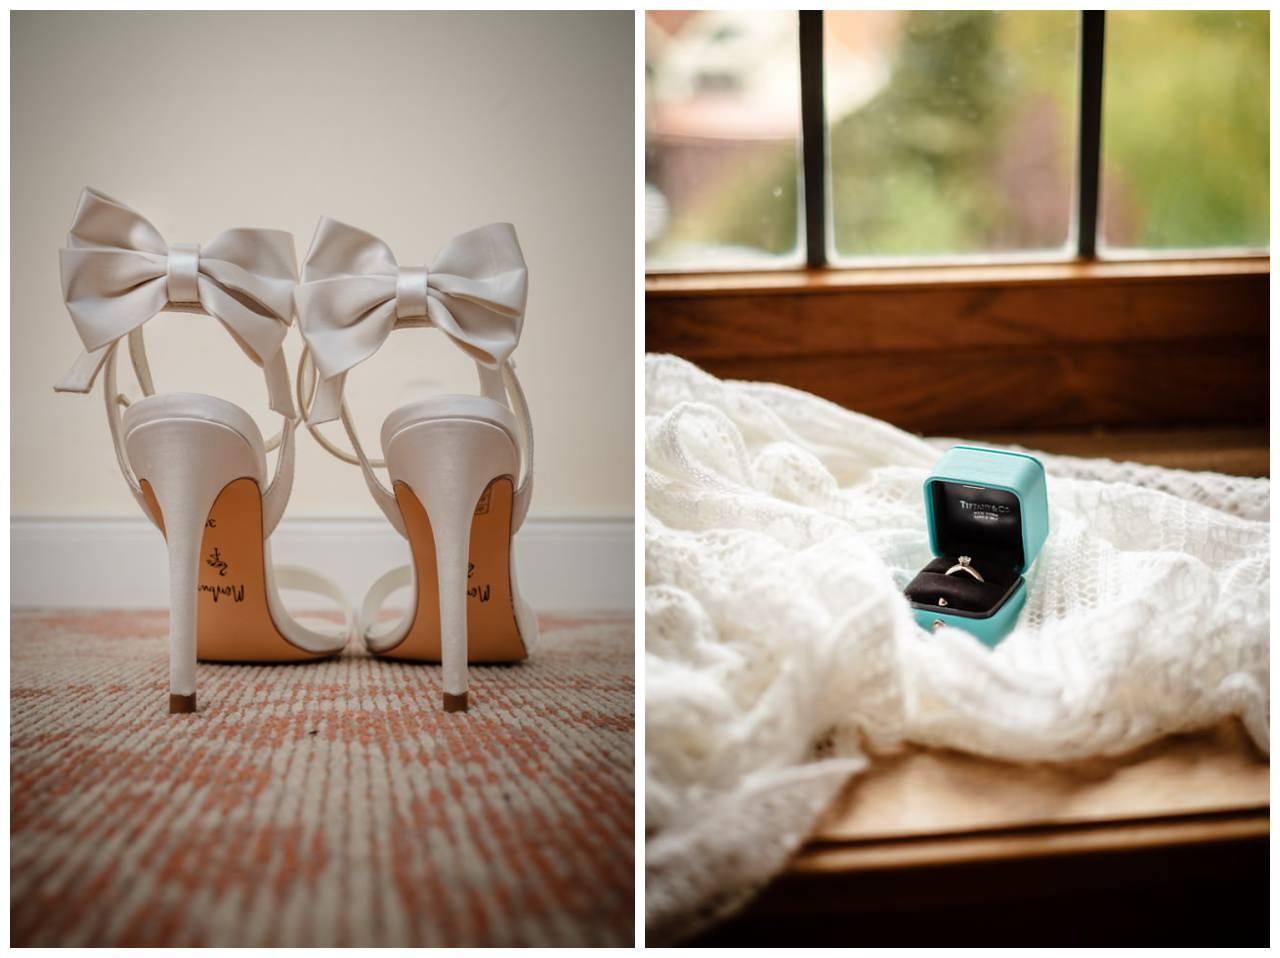 Getting Ready vor der Hochzeit Fotograf Tipps 88 - 8 Tipps für die schönsten Getting Ready Fotos